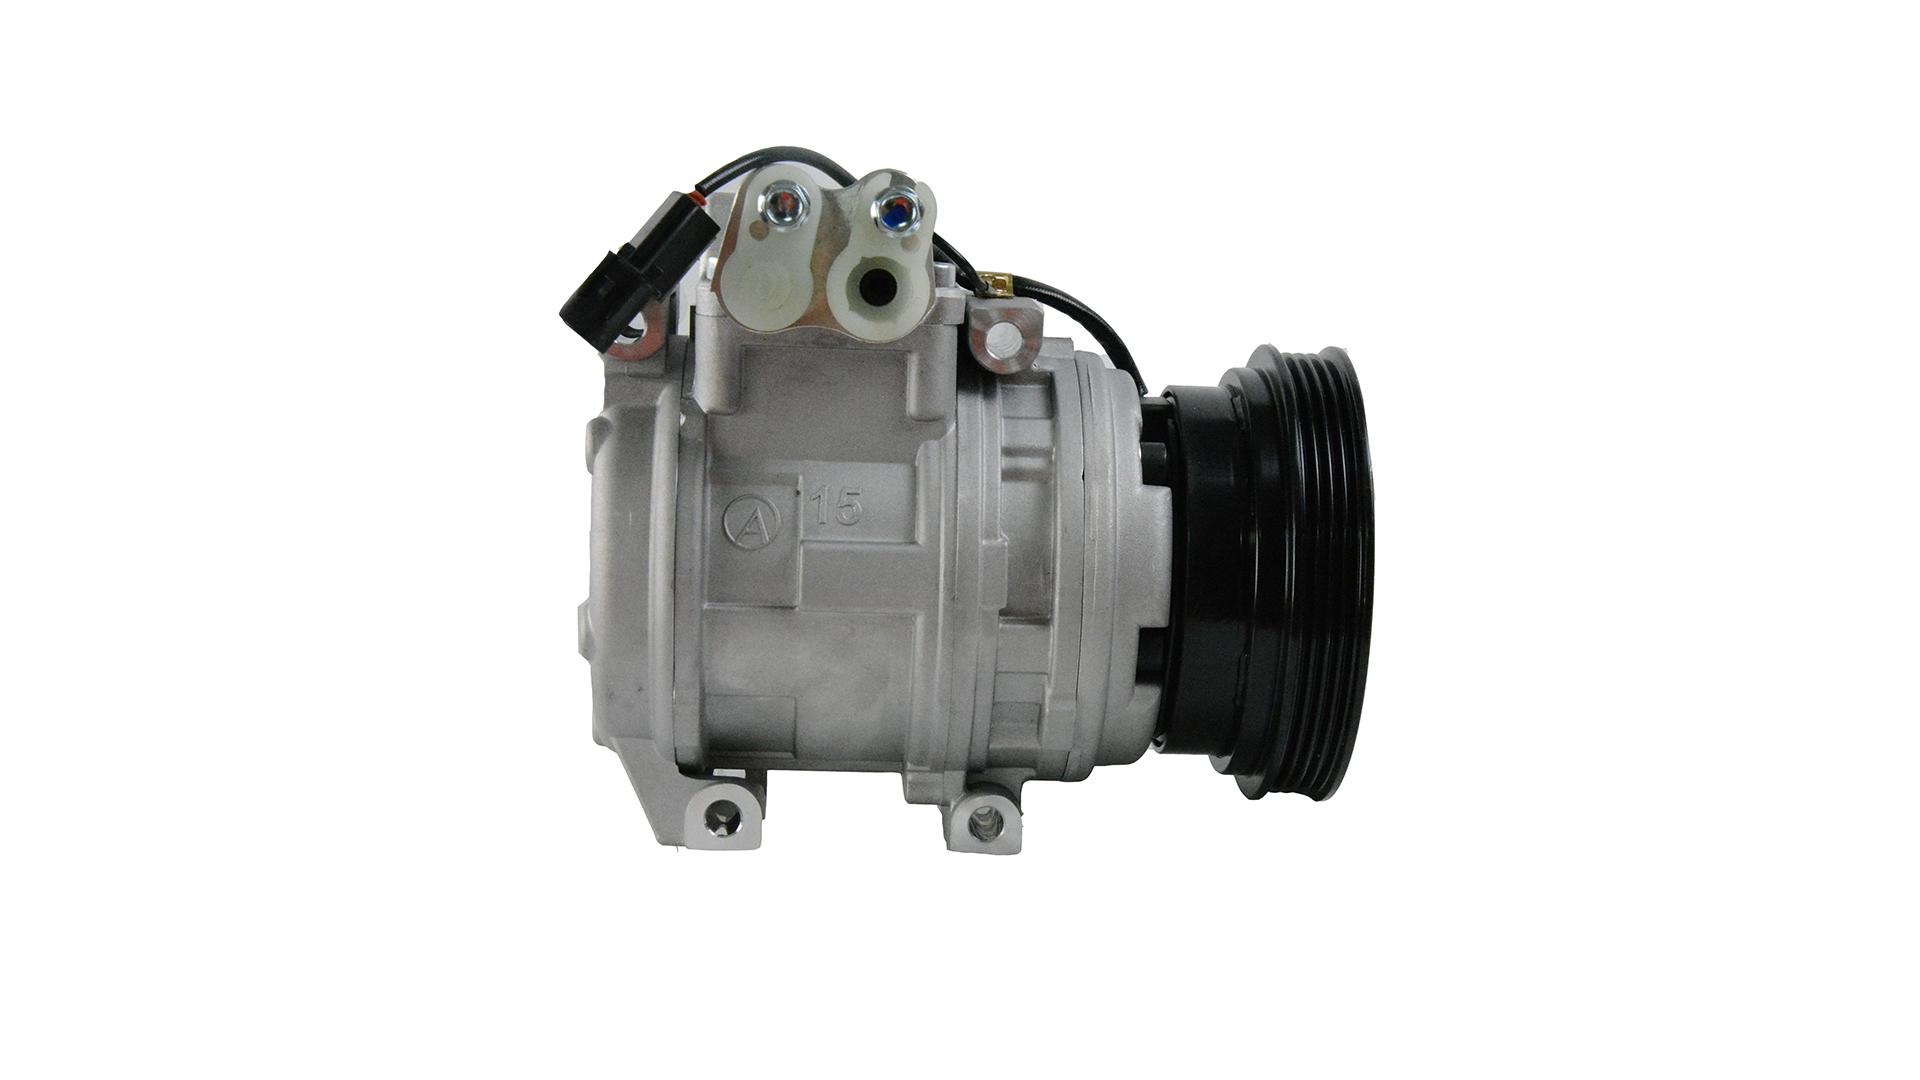 97701-2F000 Air compressor ho an'ny KIA CERATO 1.6